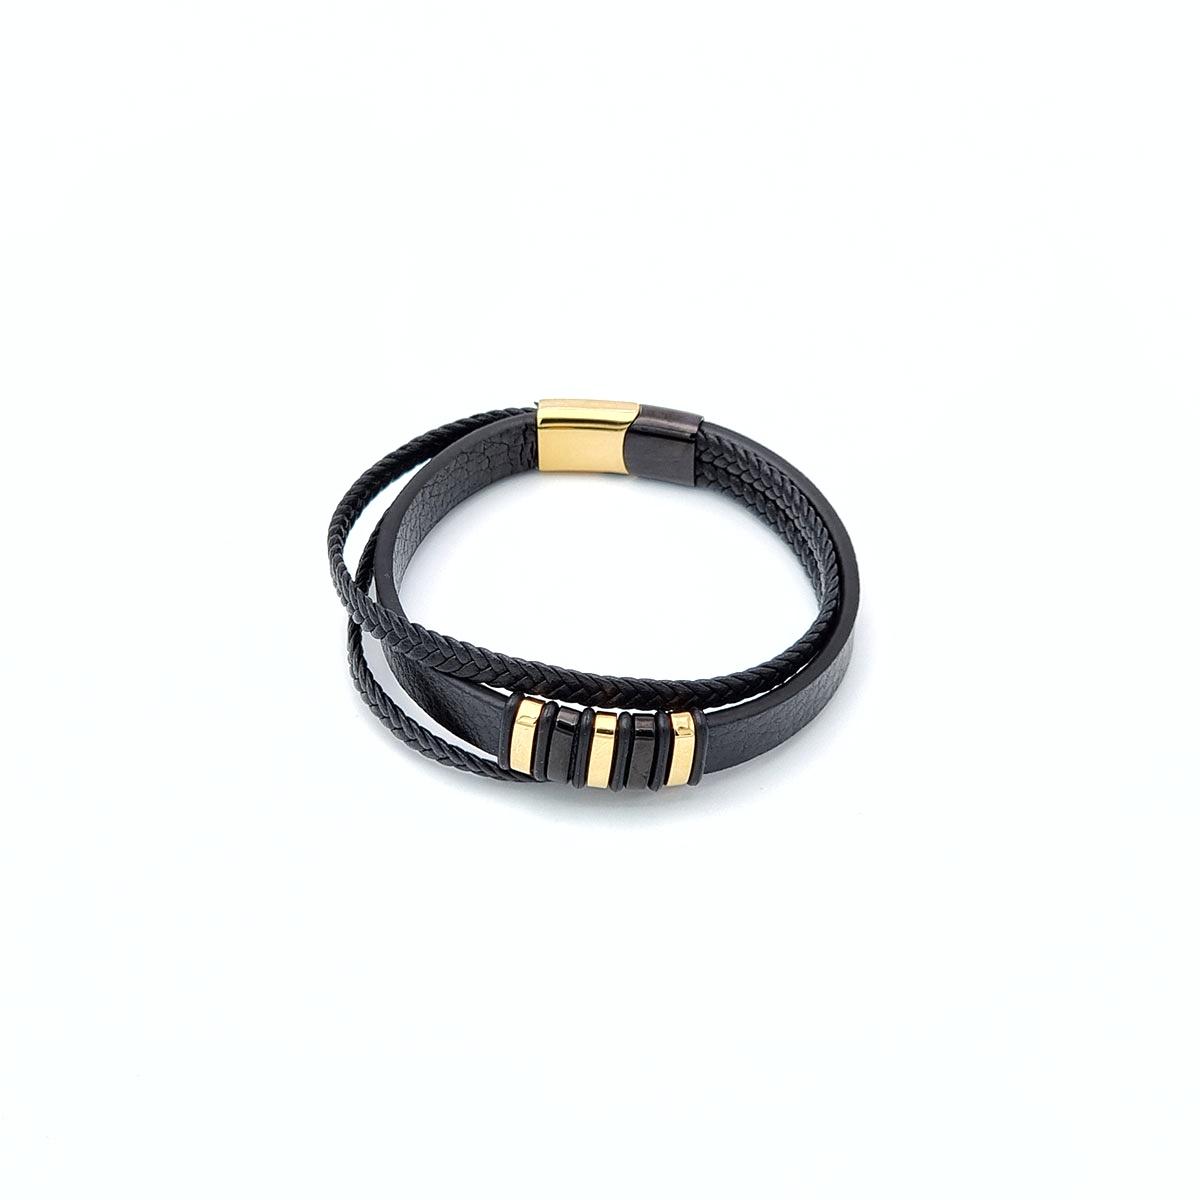 Βραχιόλι δέρμα και ατσάλι χρυσό με μαύρο